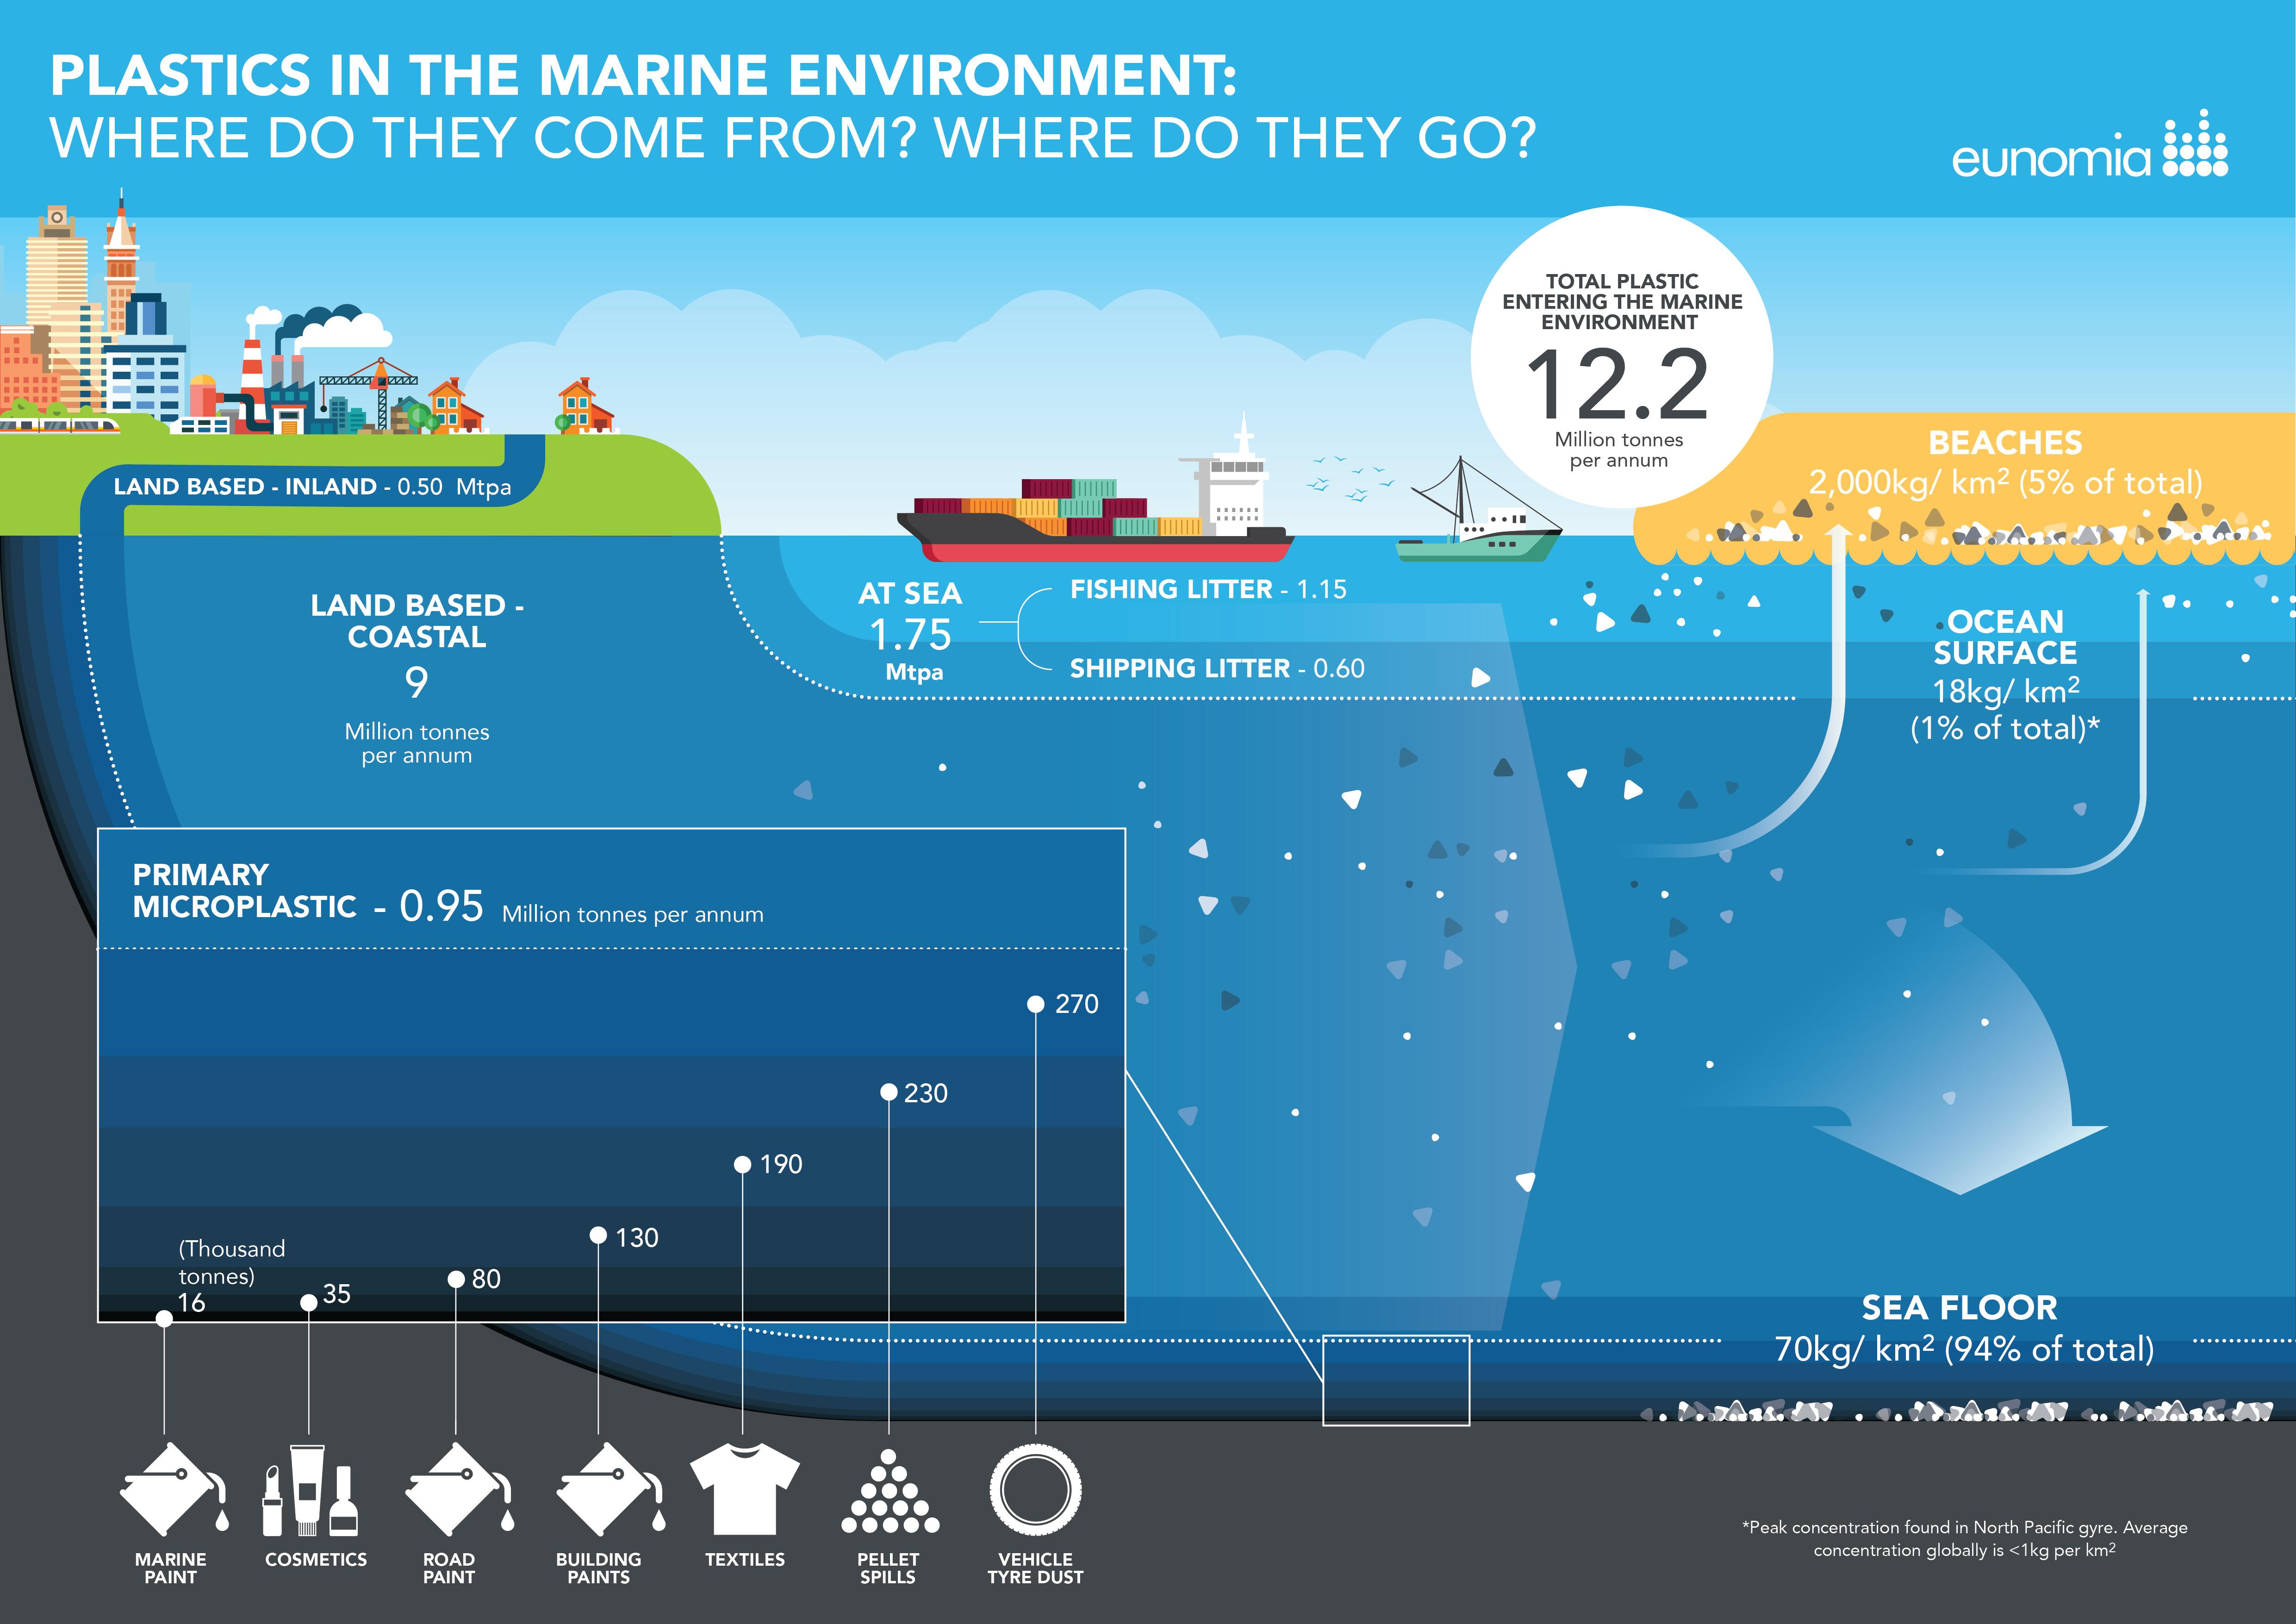 Marine plastics: Where do they come from? Where do they go?